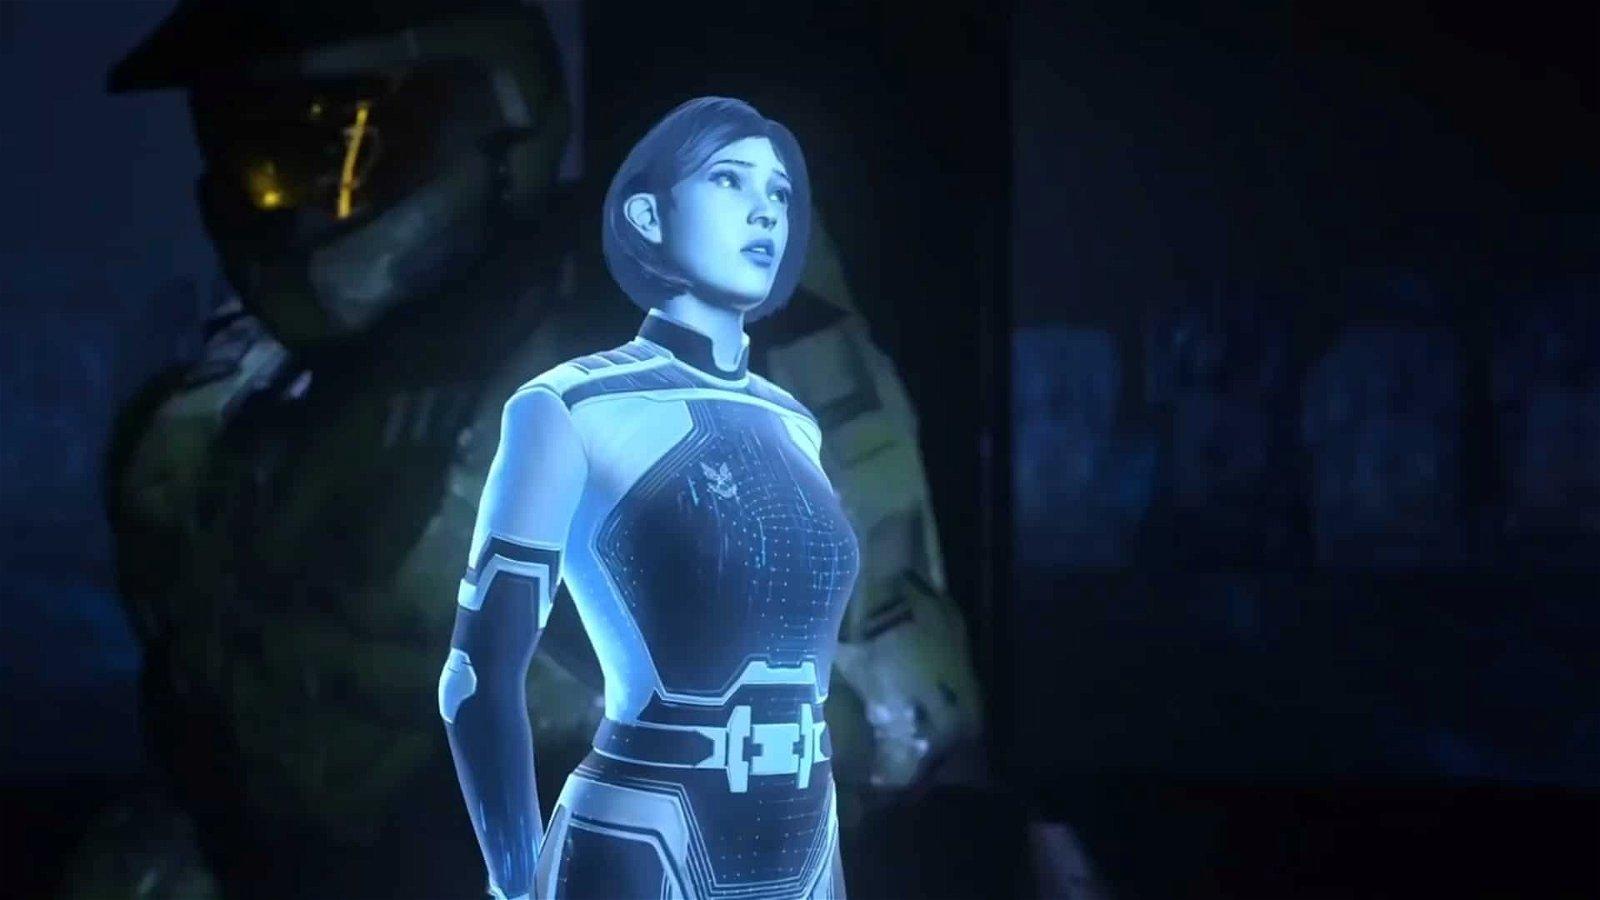 Halo Infinite - That's not Cortana-3